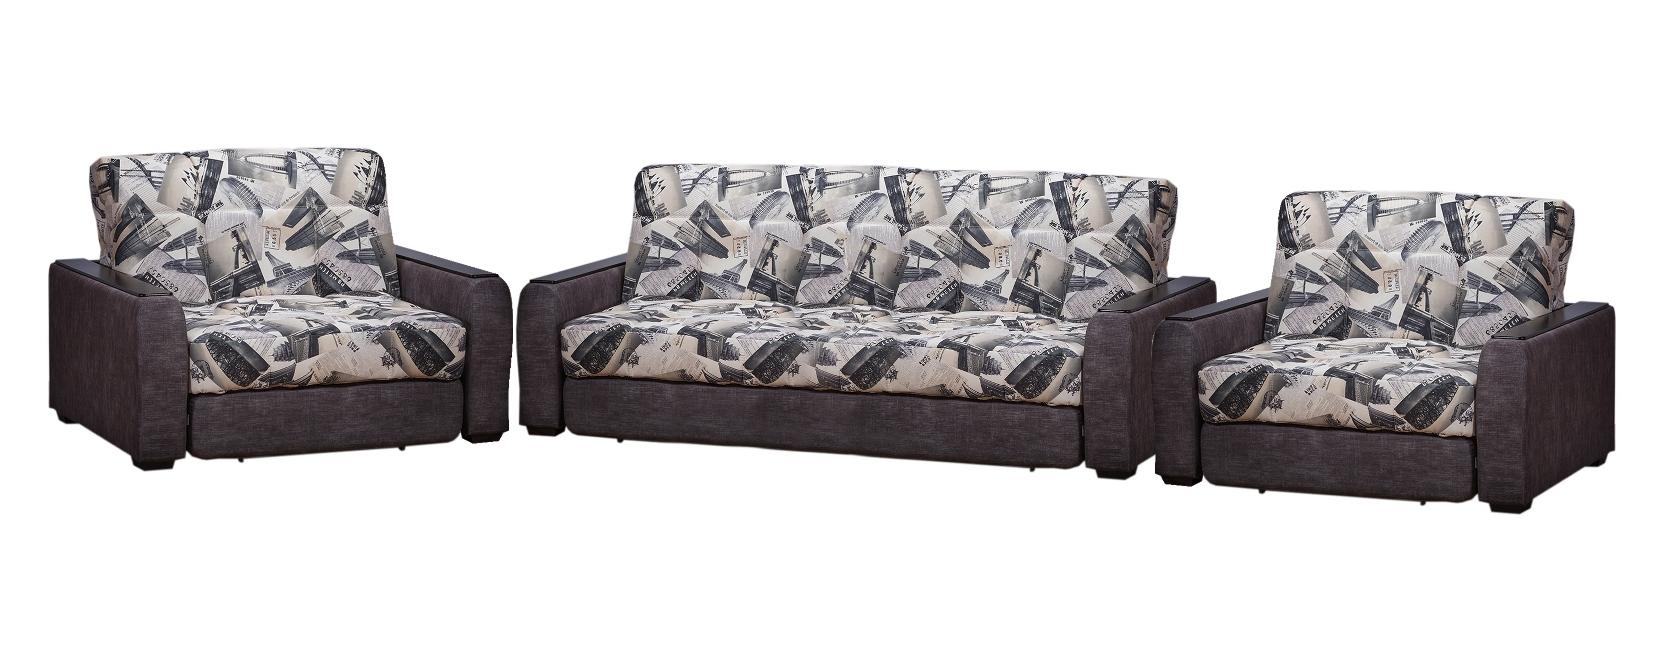 Комплект мягкой мебели Гадар фото